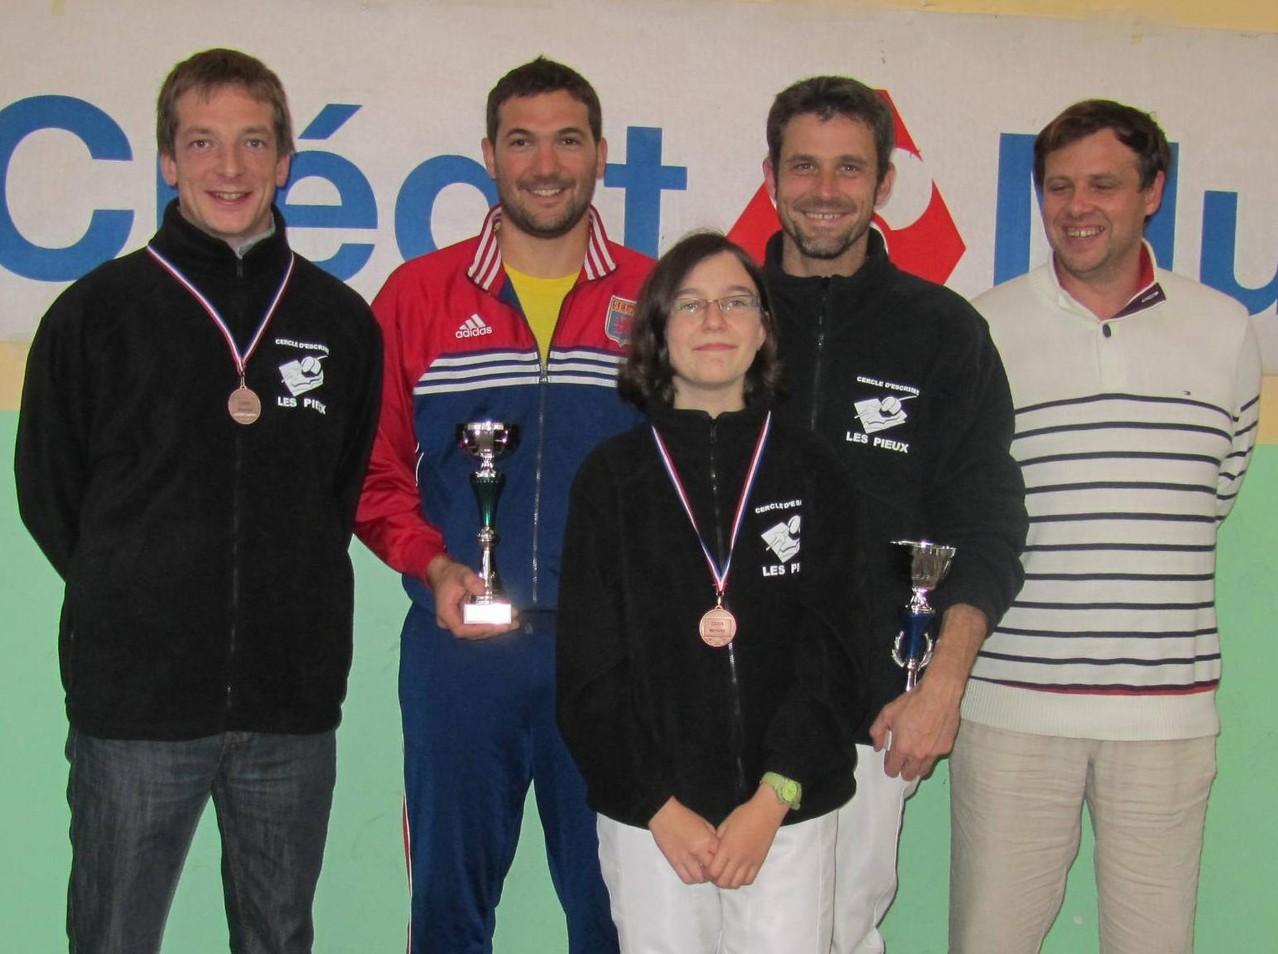 nos 4 médaillés en compagnie de notre trésorier. De gauche à droite en haut : Maxime BREVET, Romain MAZEL, Mickaël RABAY et Laurent NIEPCERON. En dessous : Faustine MORVAN